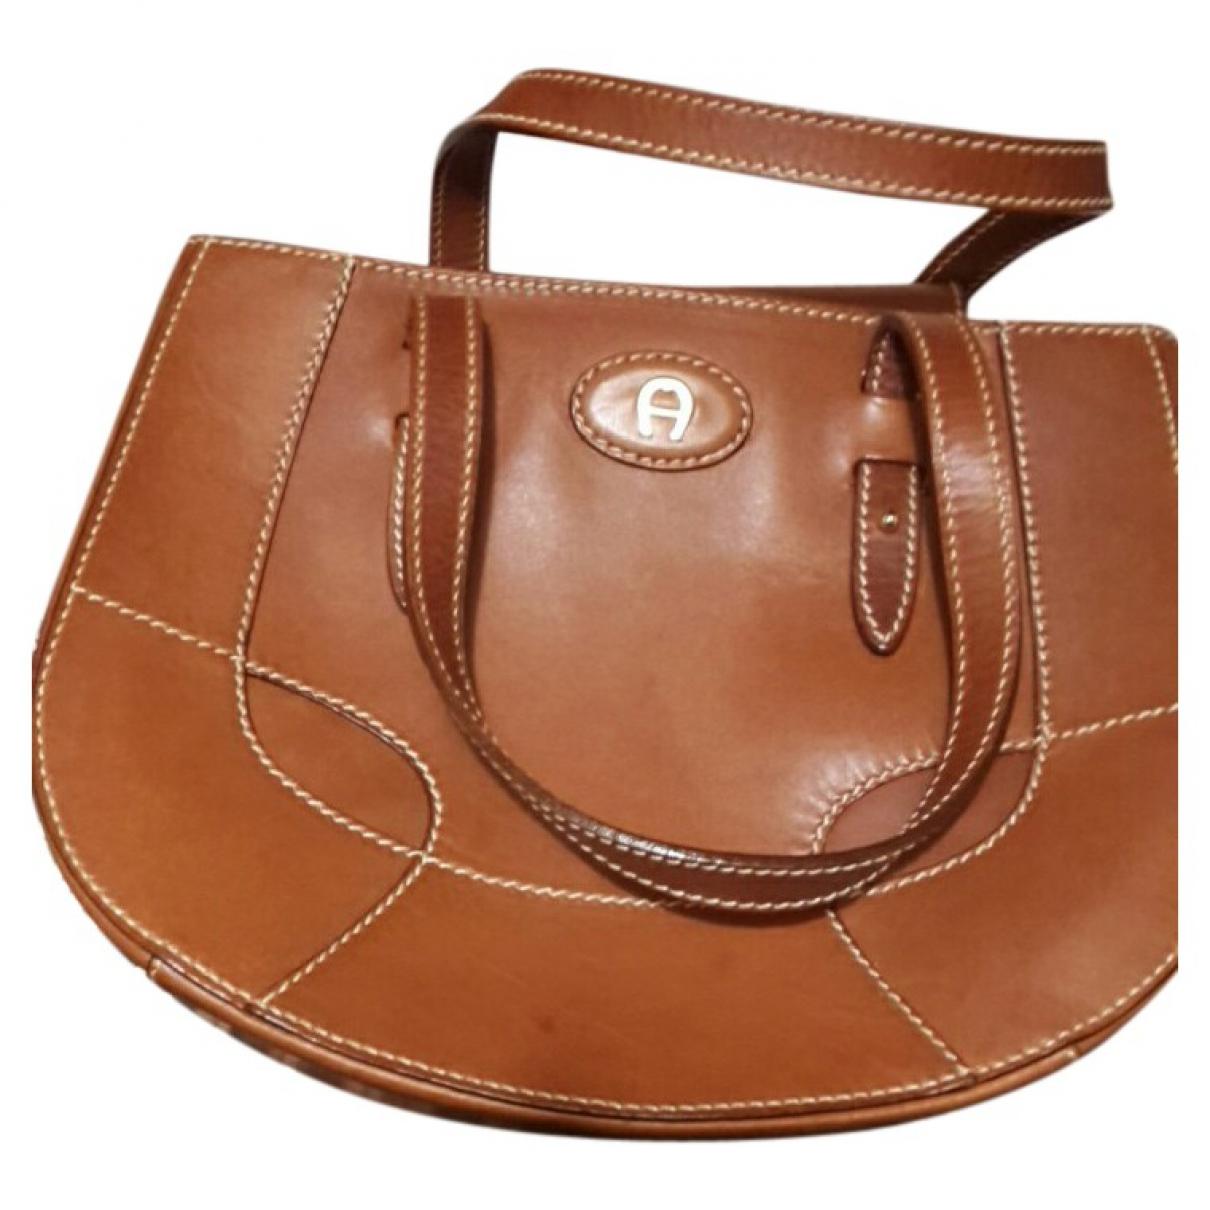 Aigner \N Handtasche in  Braun Leder